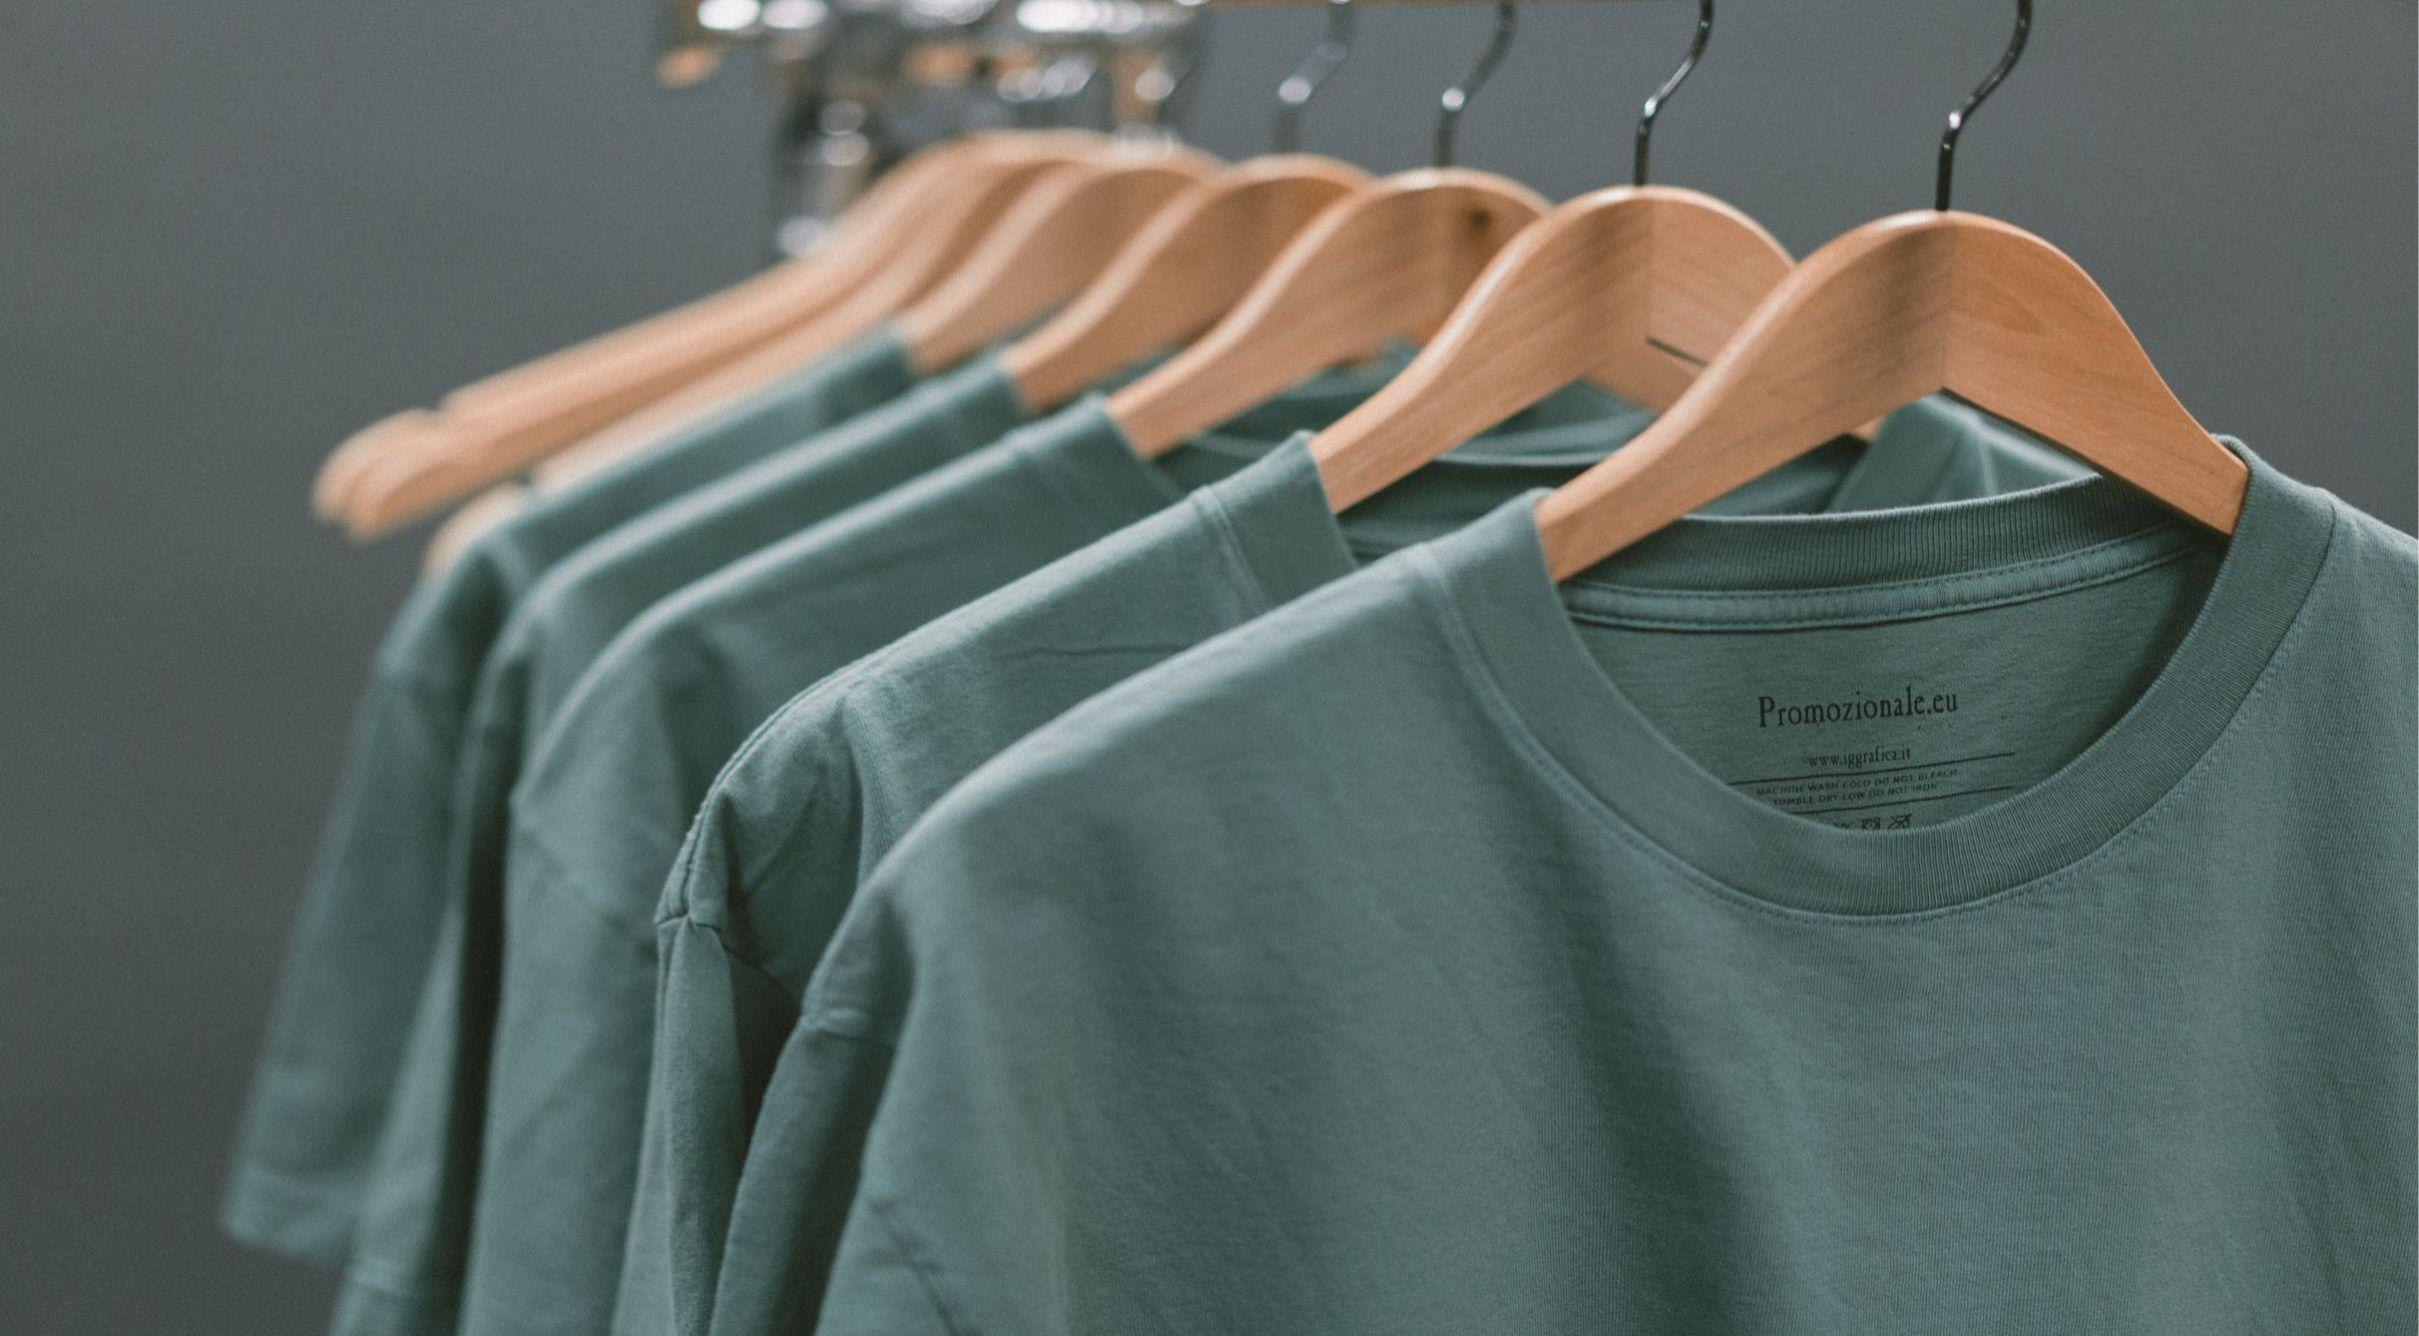 Personalizza il tuo abbigliamento Vaprio d'Adda